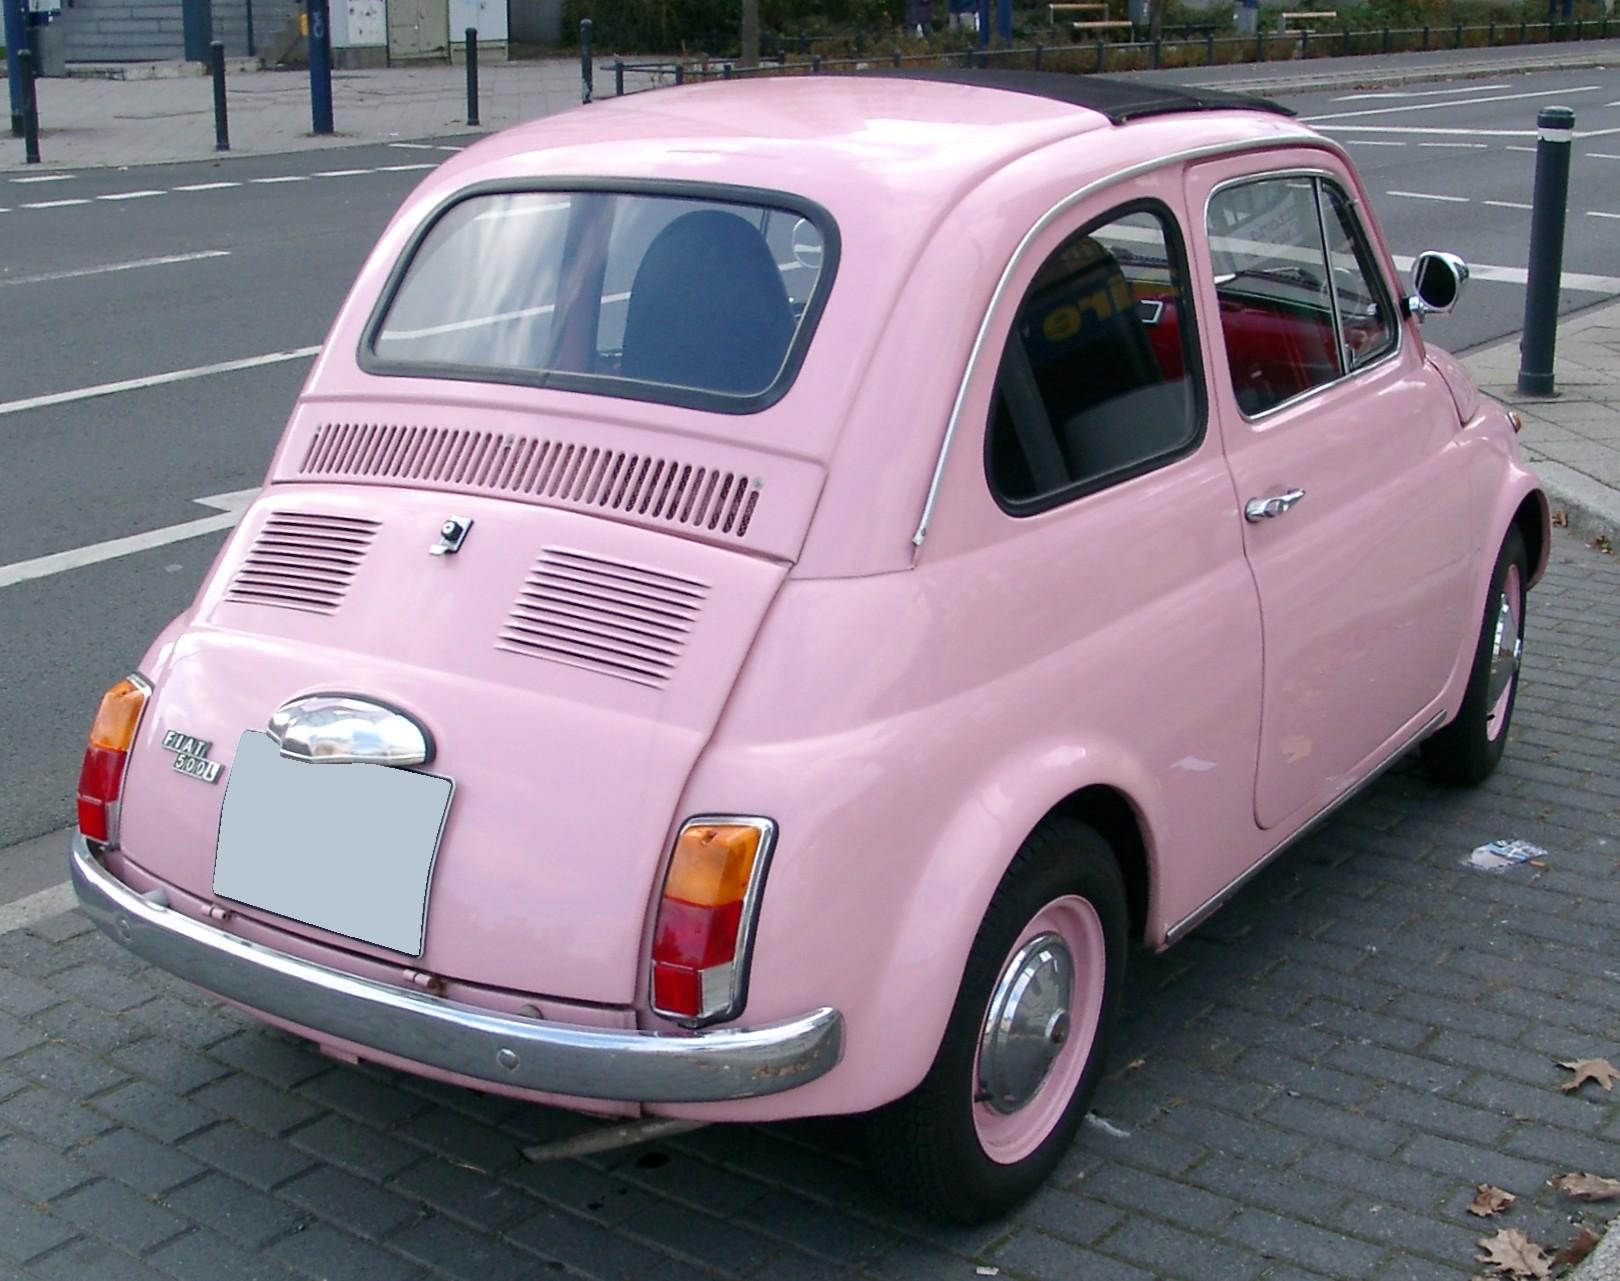 Fiat_500_rear_20071105